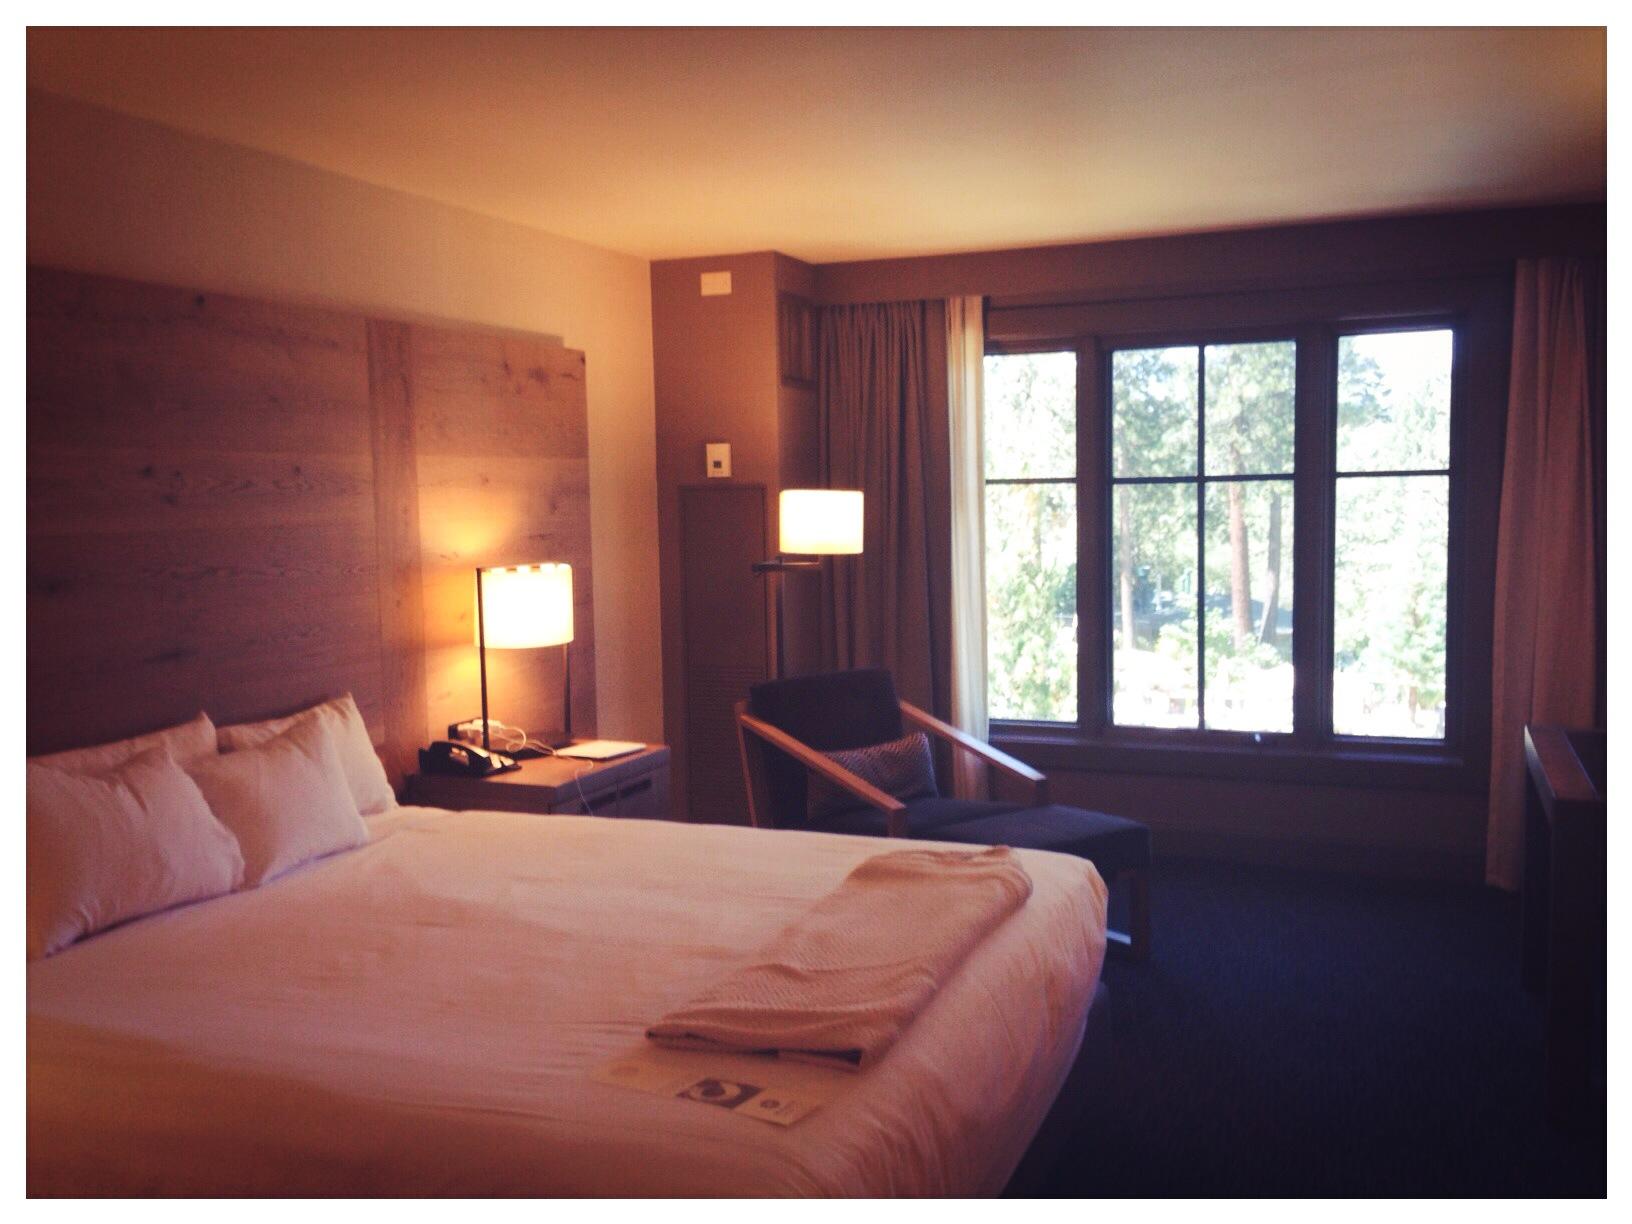 Hyatt Lake Tahoe, Our Room 1